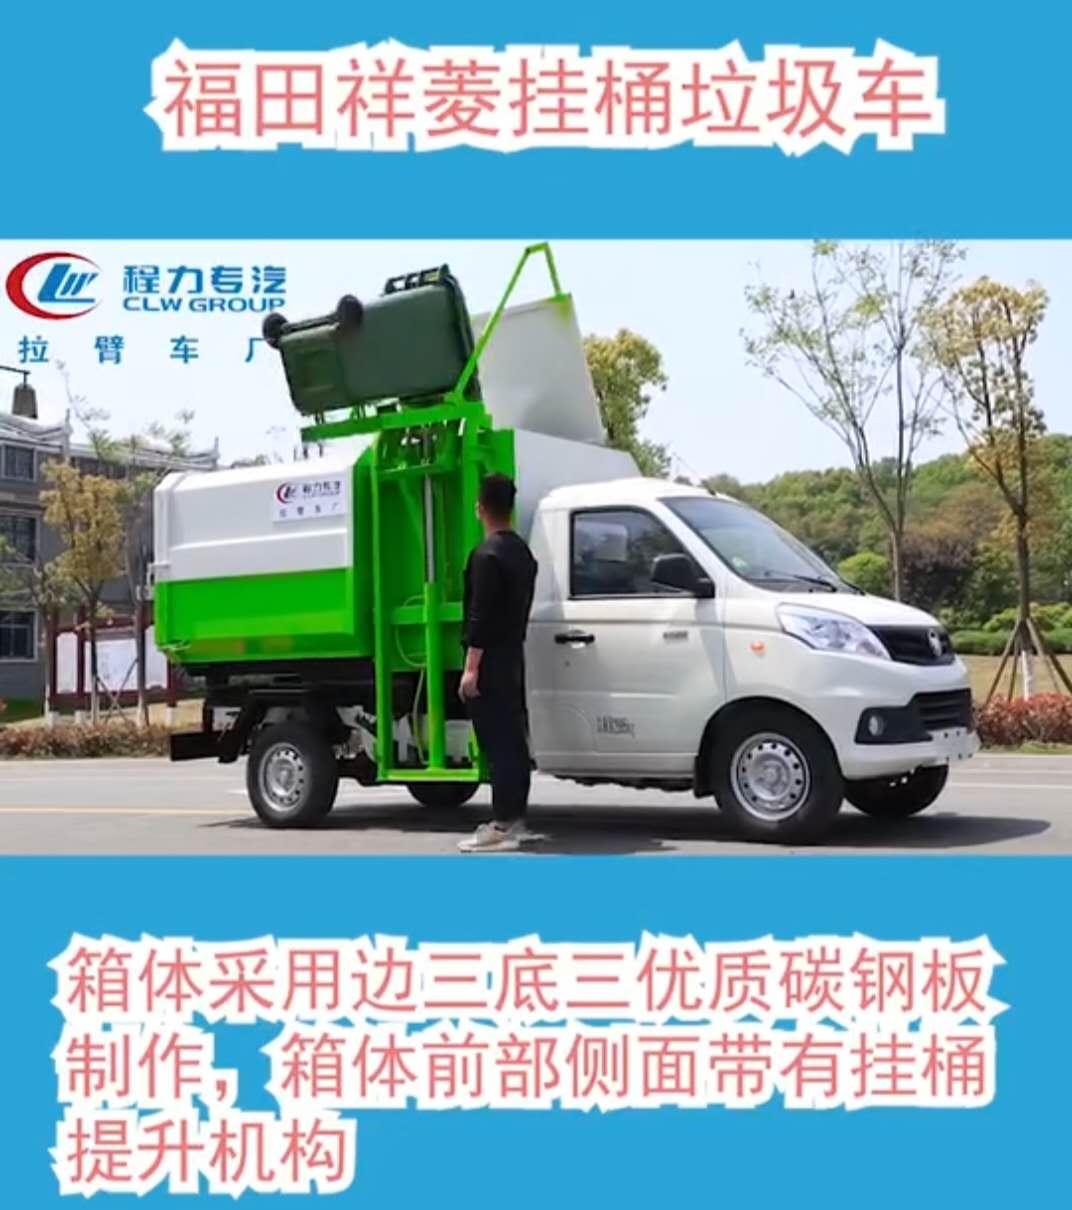 挂桶垃圾车视频3方福田祥菱挂桶垃圾车装载使用视频图片